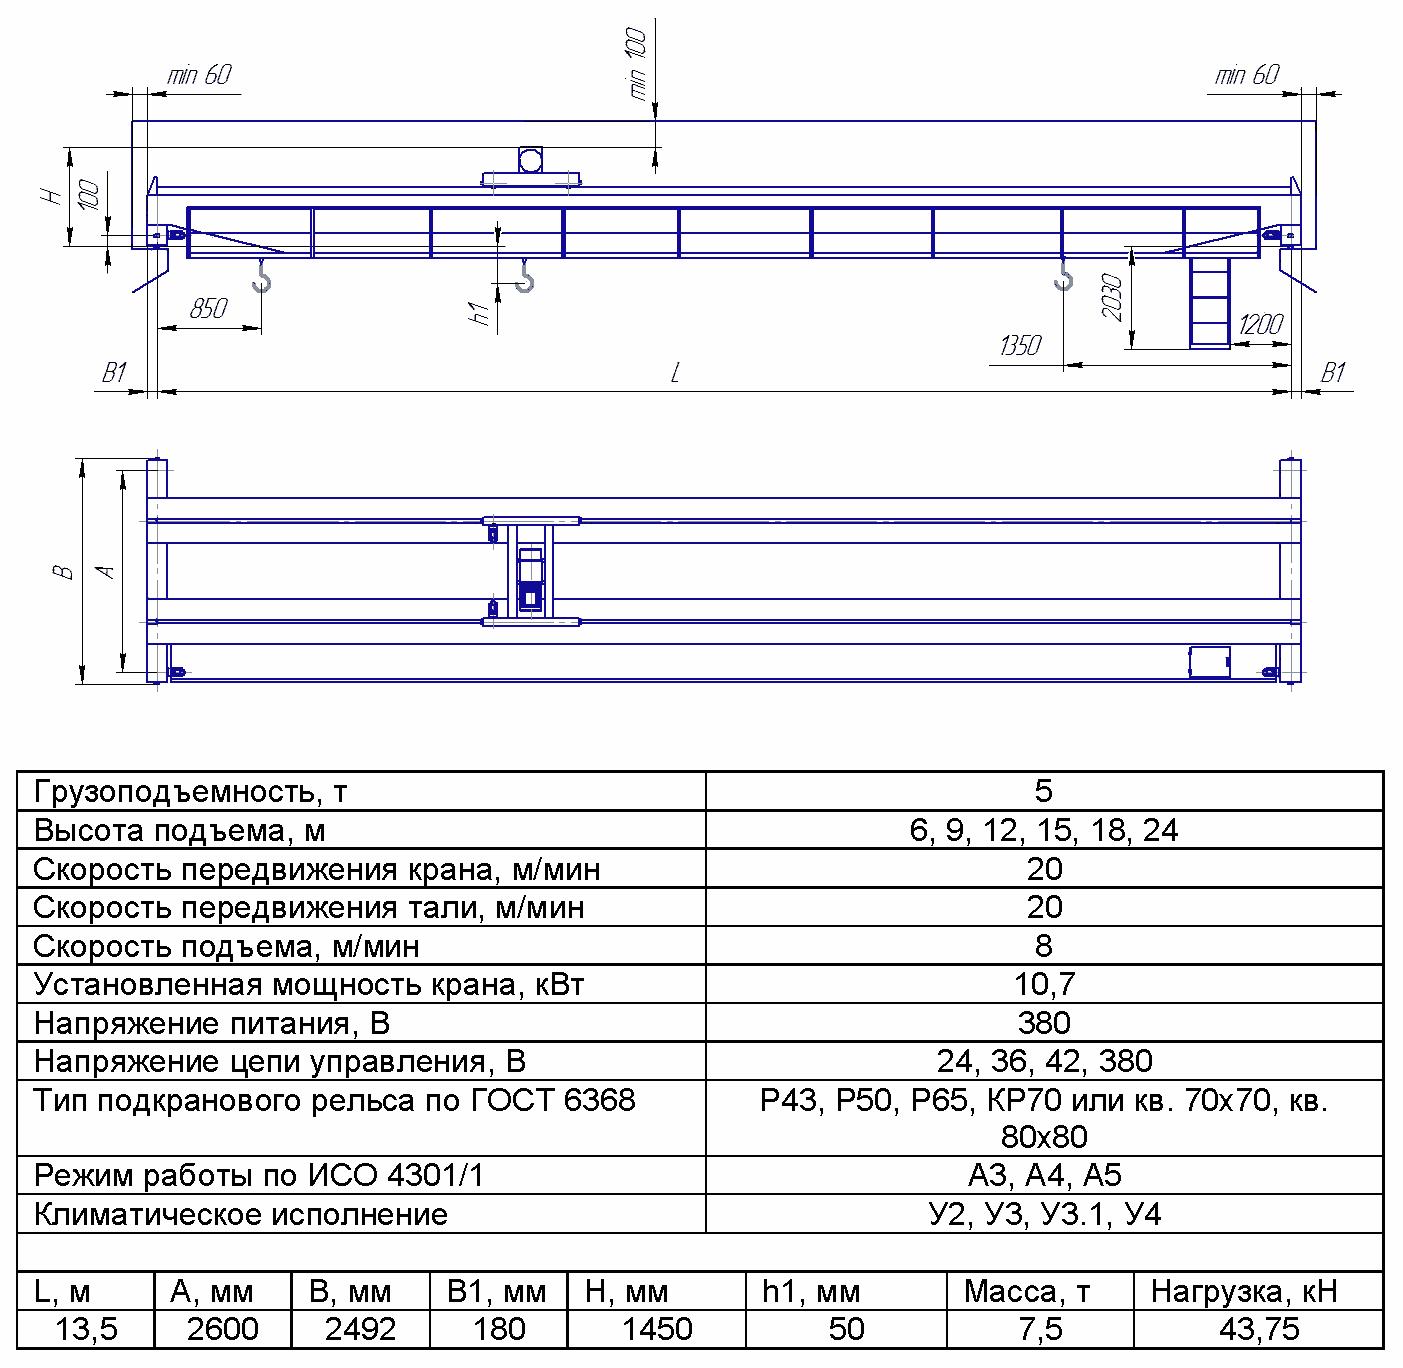 KMON 1 2 - Опорный мостовой кран общего назначения